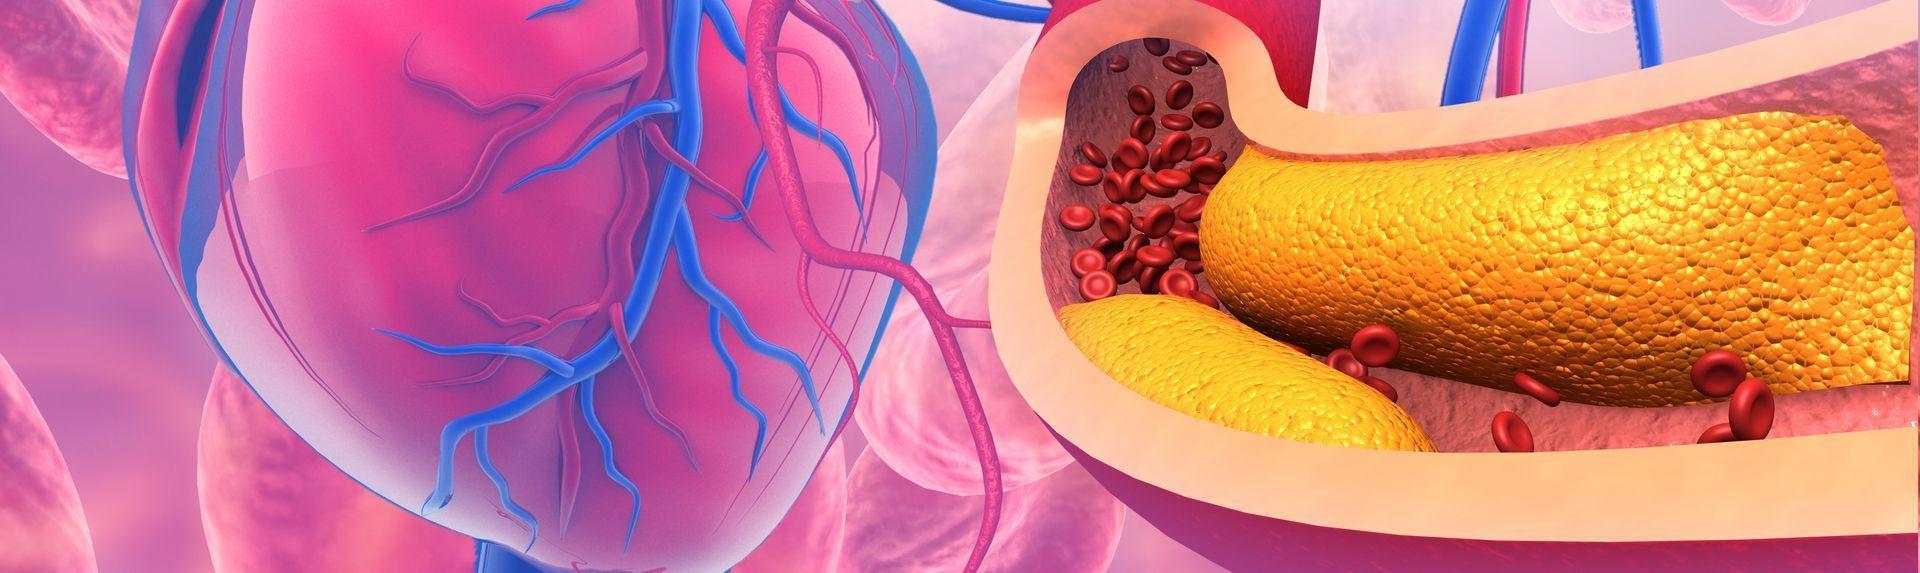 Малоподвижный образ жизни и вредные привычки, как они приводят к развитию атеросклероза?